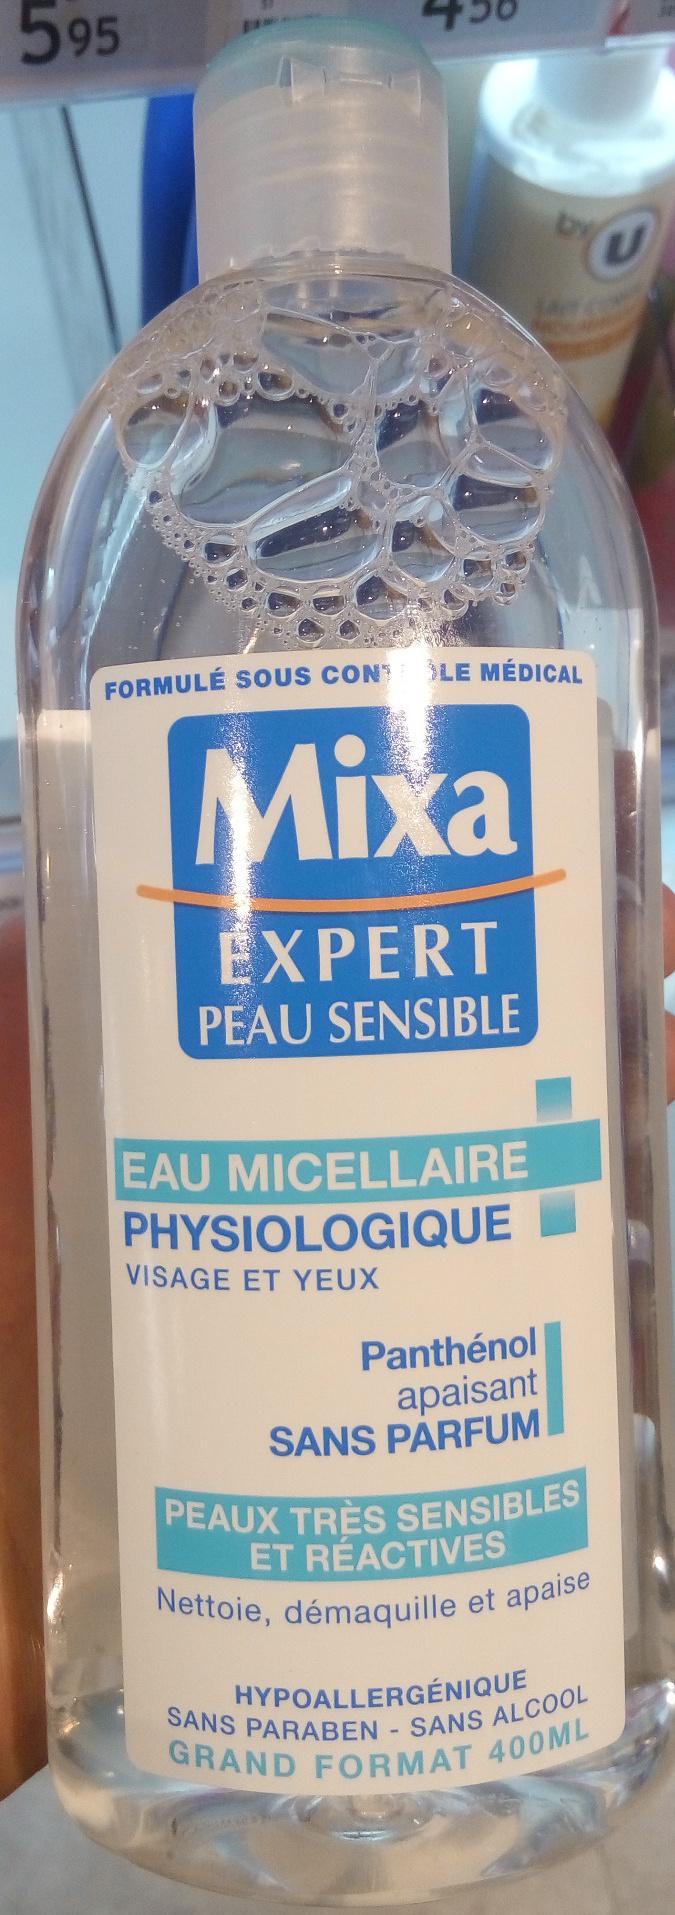 Eau micellaire physiologique visage et yeux - Product - fr